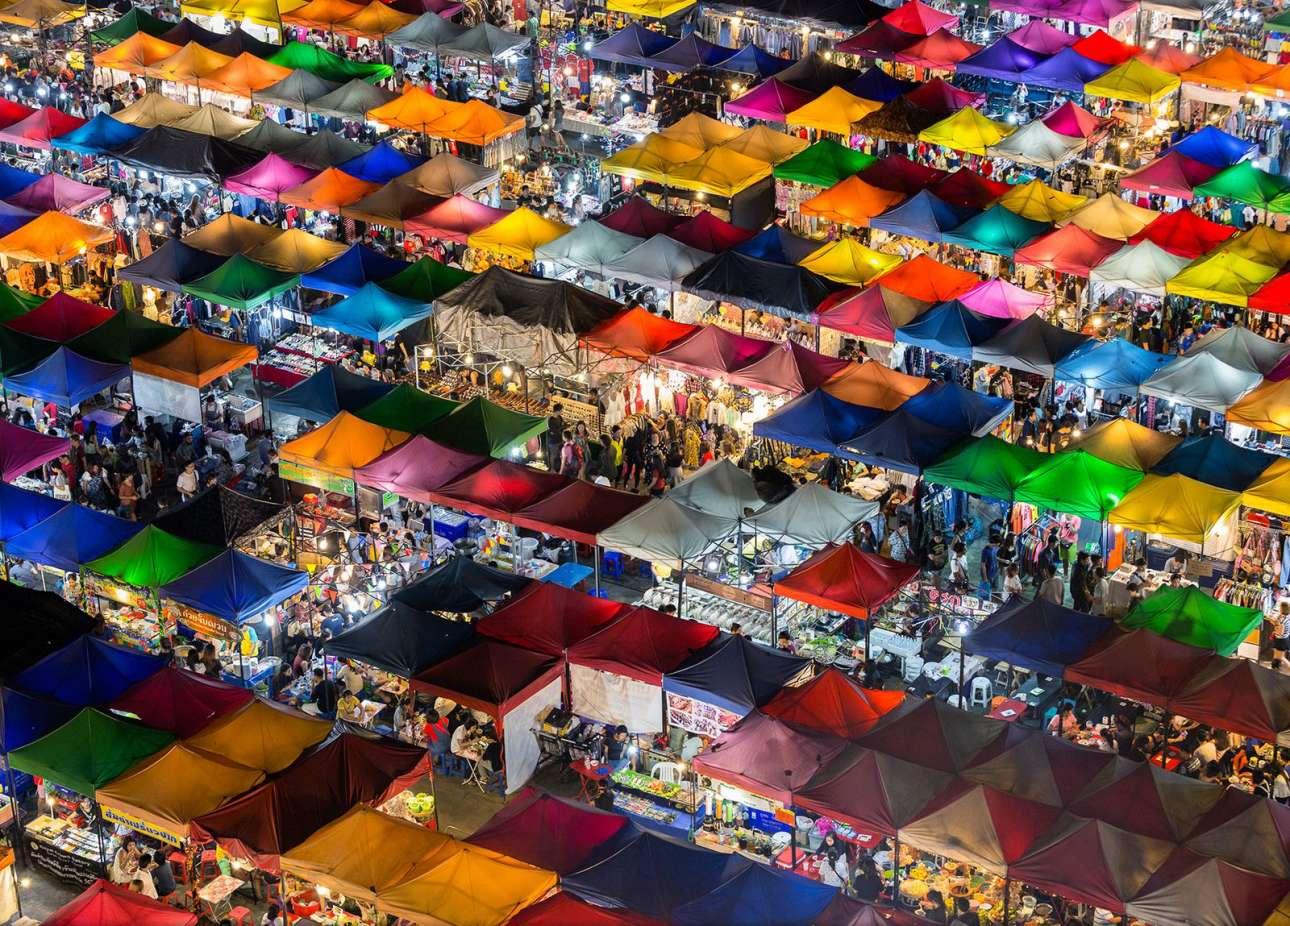 «Πολύχρωμη Αγορά». Καθώς η νύχτα πέφτει στην Ταϊλάνδη, το παζάρι της Μπανγκόκ με τα έντονα φώτα και τις χρωματιστές τέντες ζωντανεύει